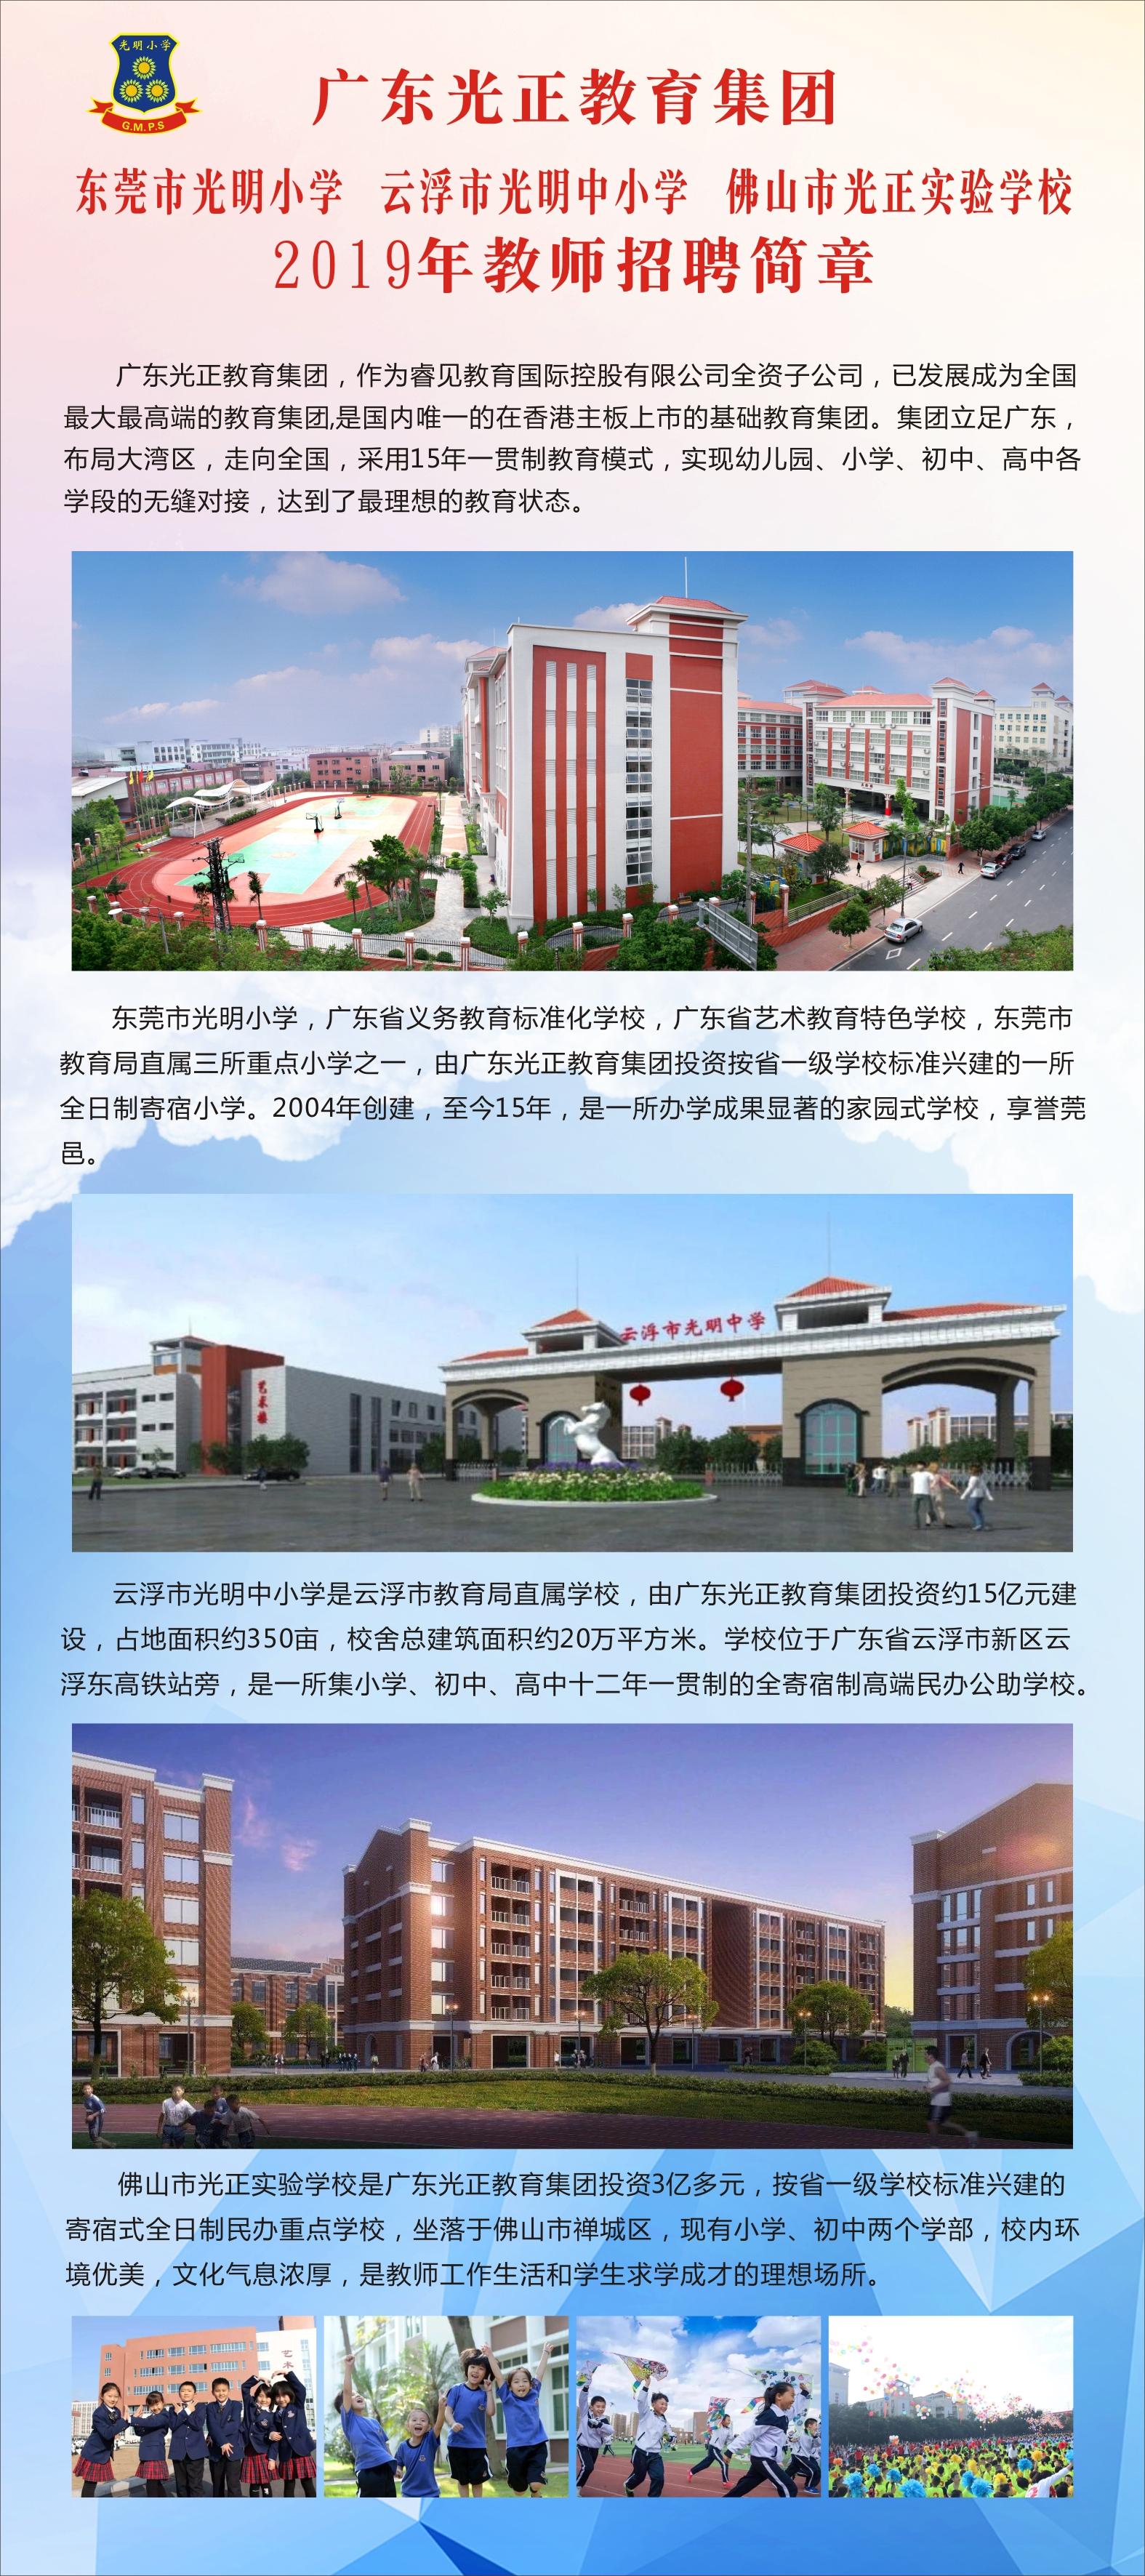 广东光正教育集团宣讲会